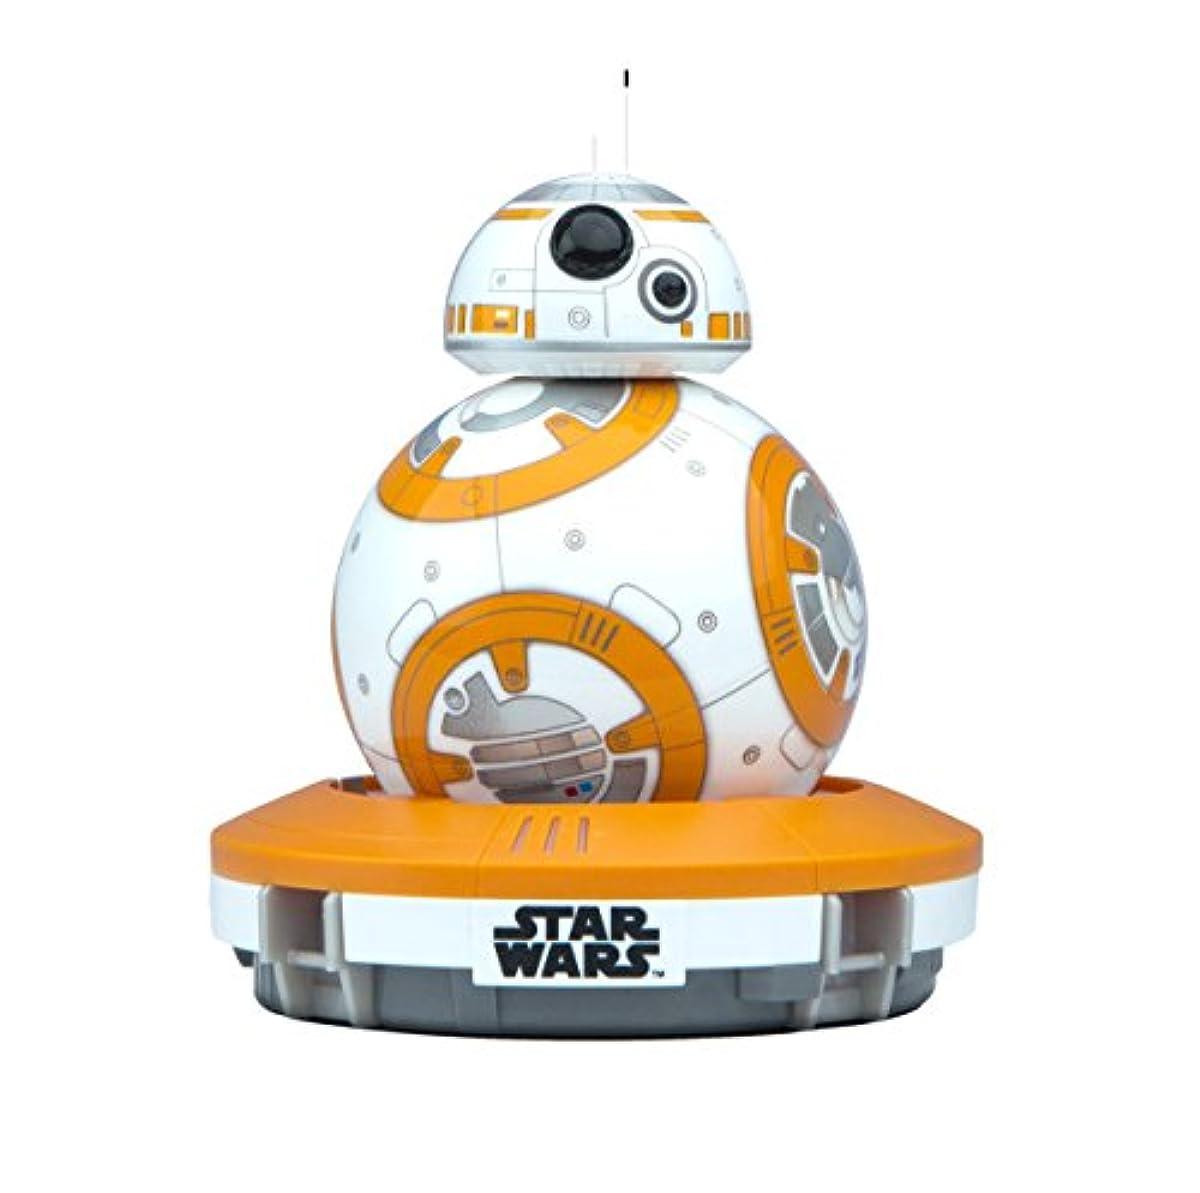 Sphero 스타 워즈 에피소드7(스타 워즈/포스의 각성) BB-8 (드라이브 / 홀로그램 기능) R001ROW